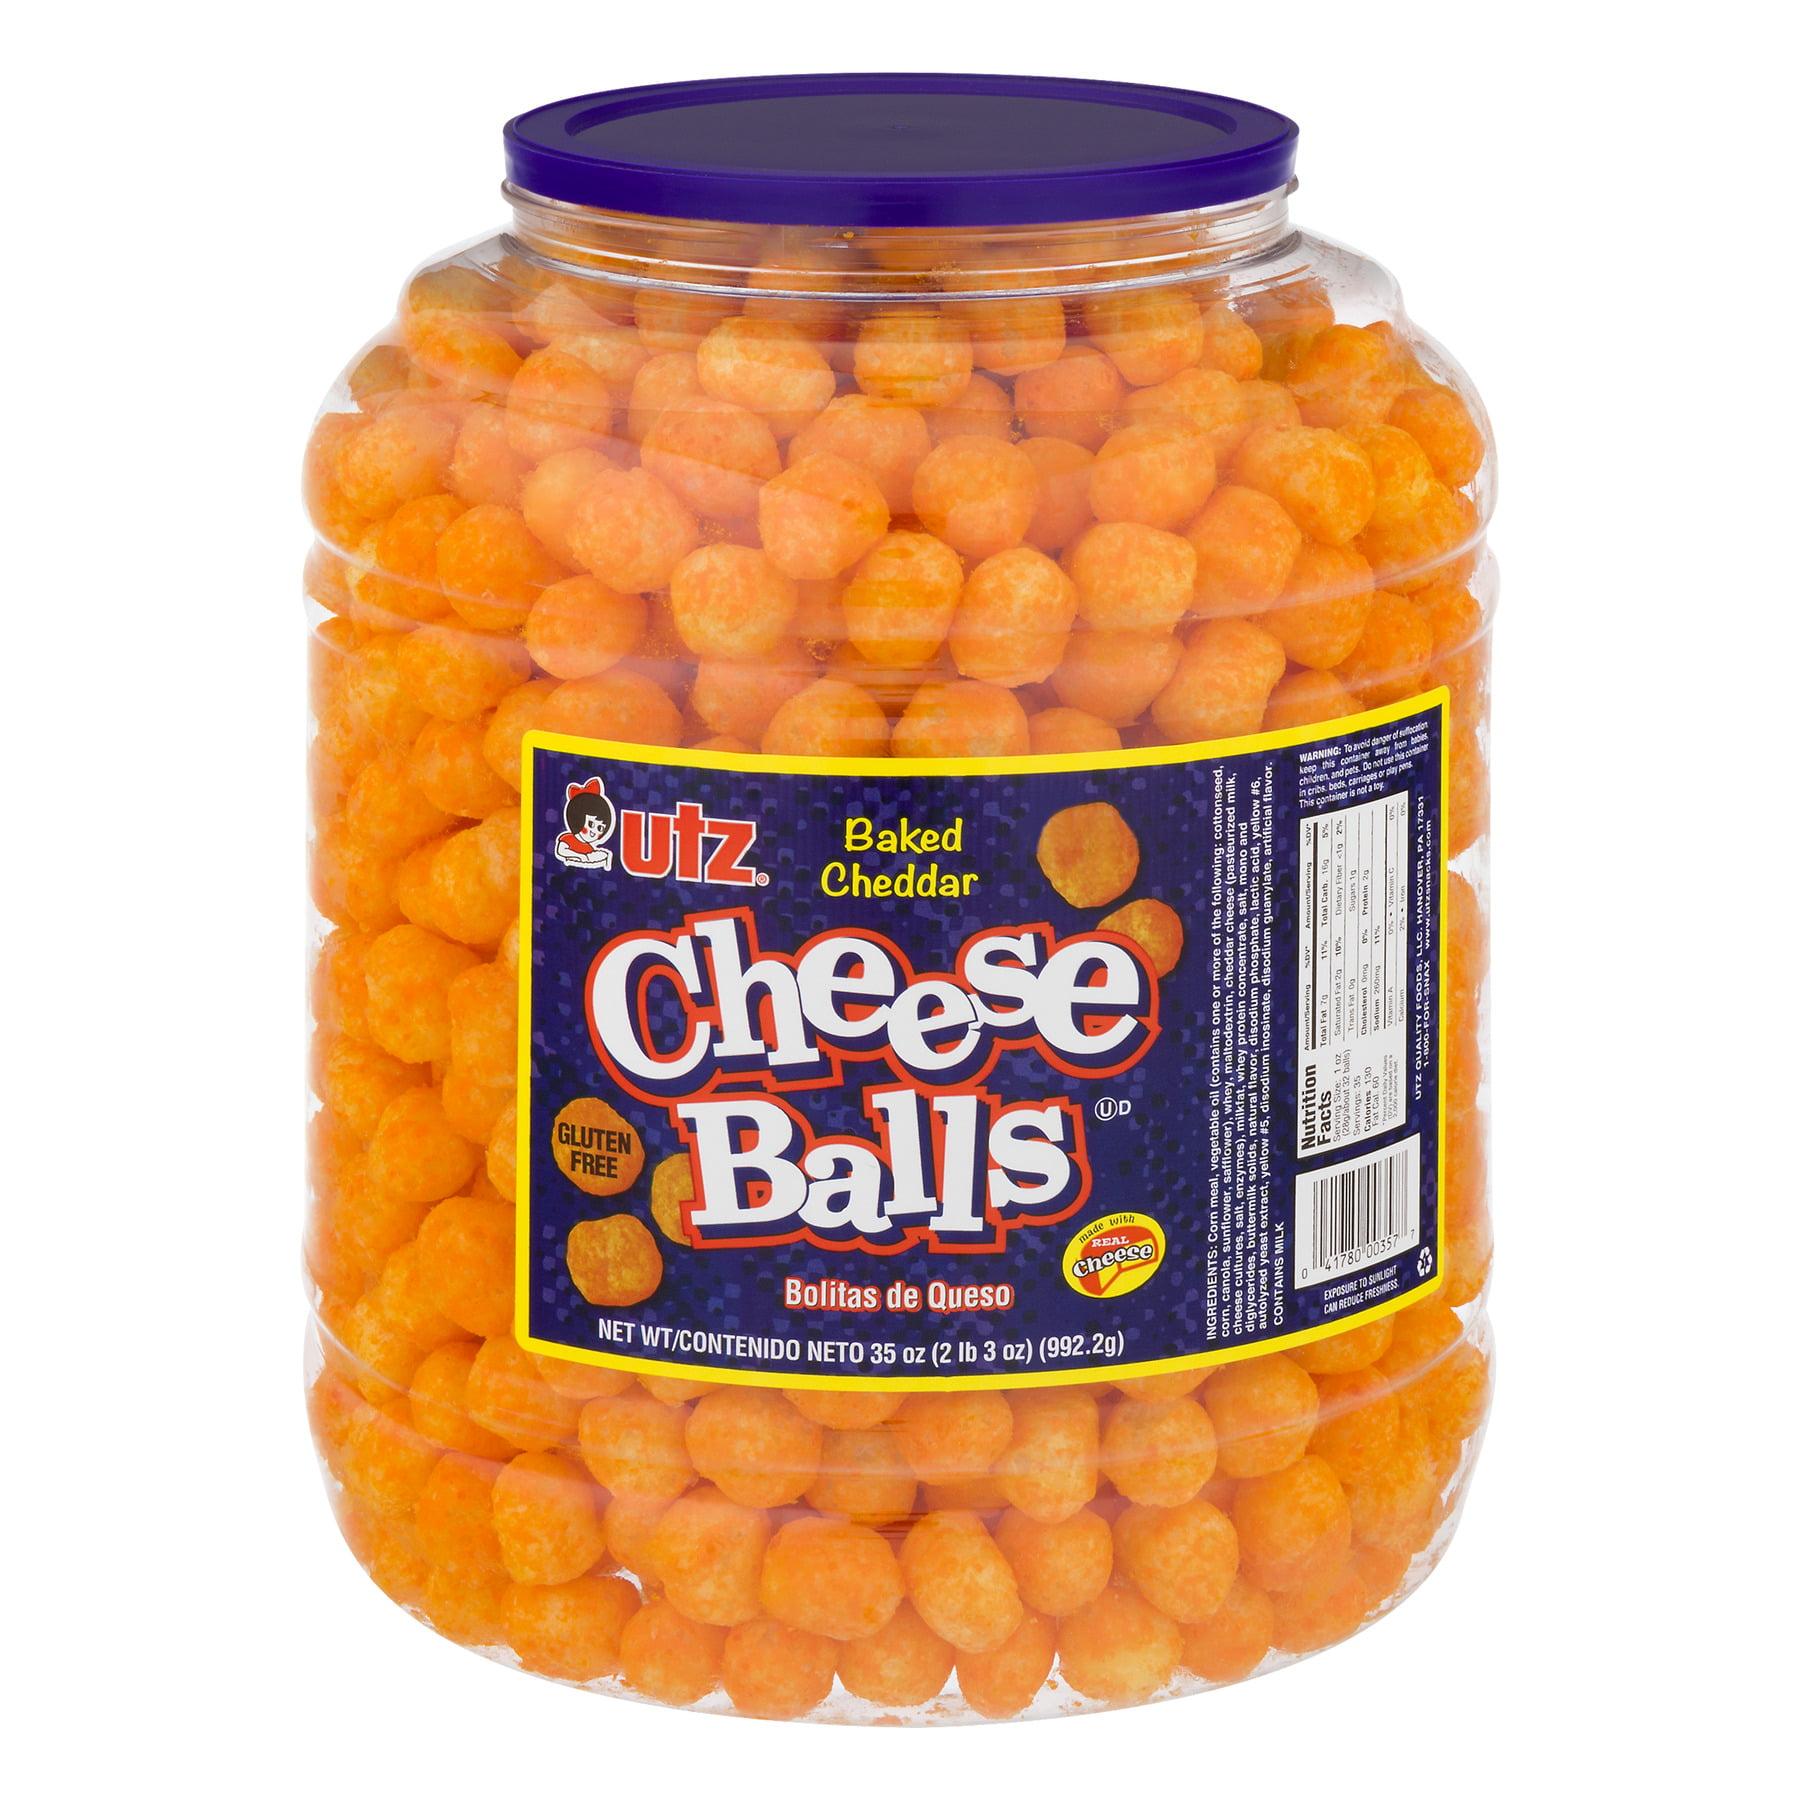 Utz Cheese Balls, Cheddar 35 oz. Barrel